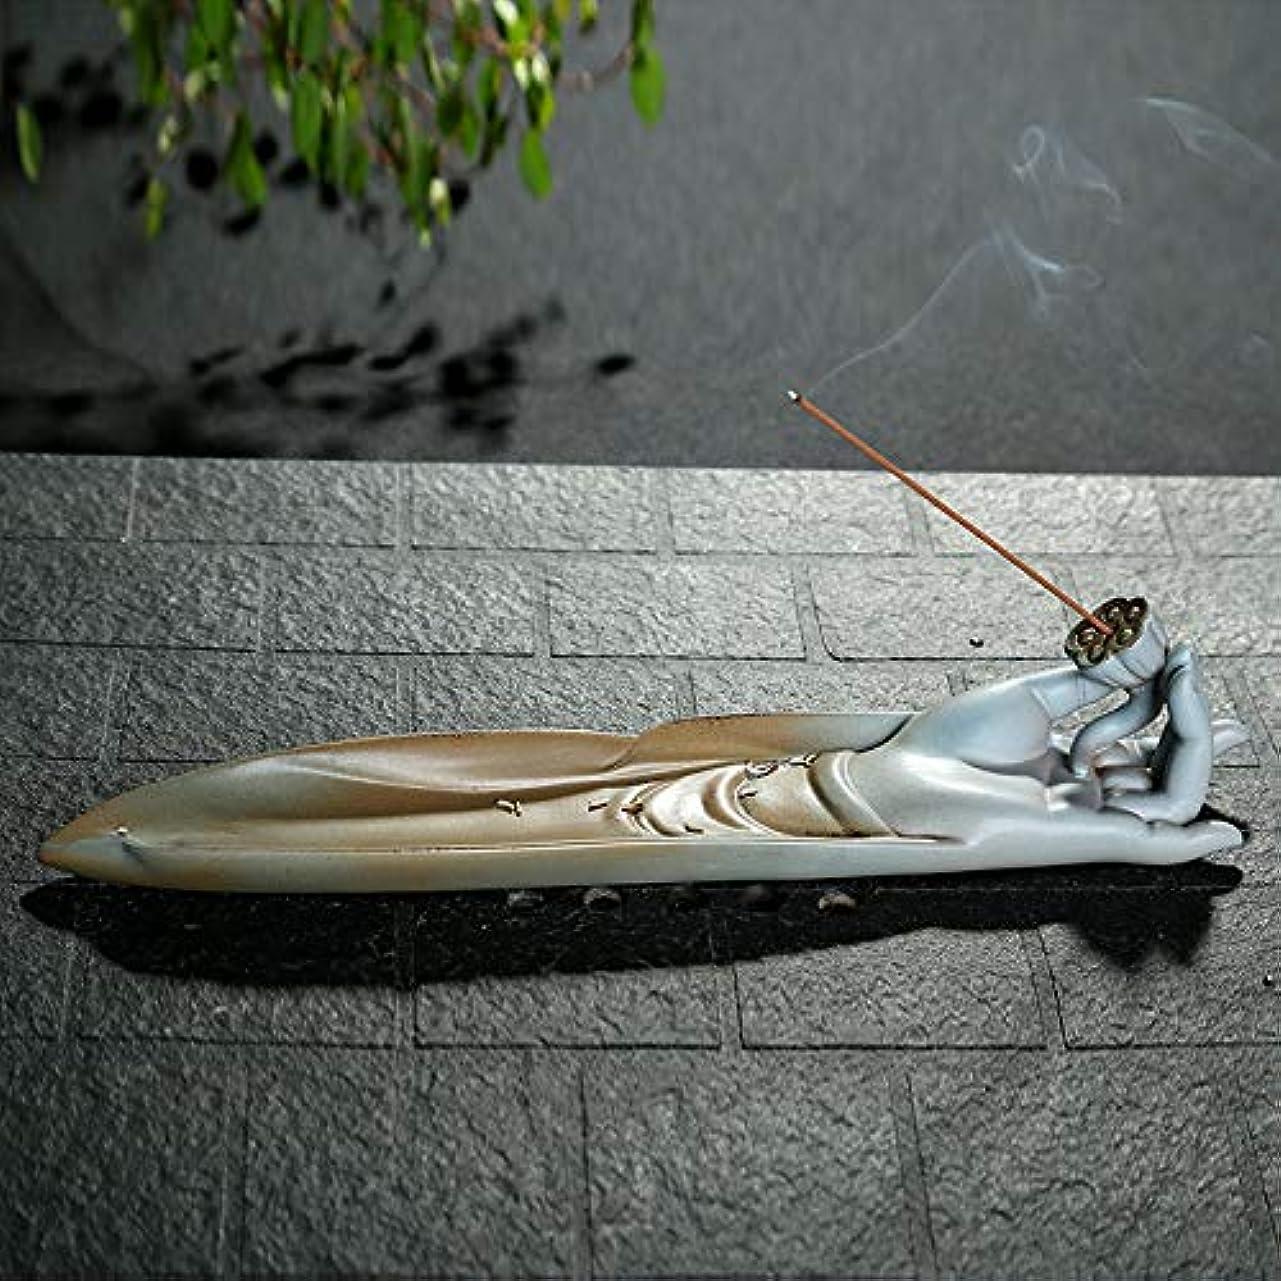 咲く贅沢なパットPHILOGOD 陶器線香 香立て 手作りベルガモットモデリング香炉 香皿 お香 ホルダー